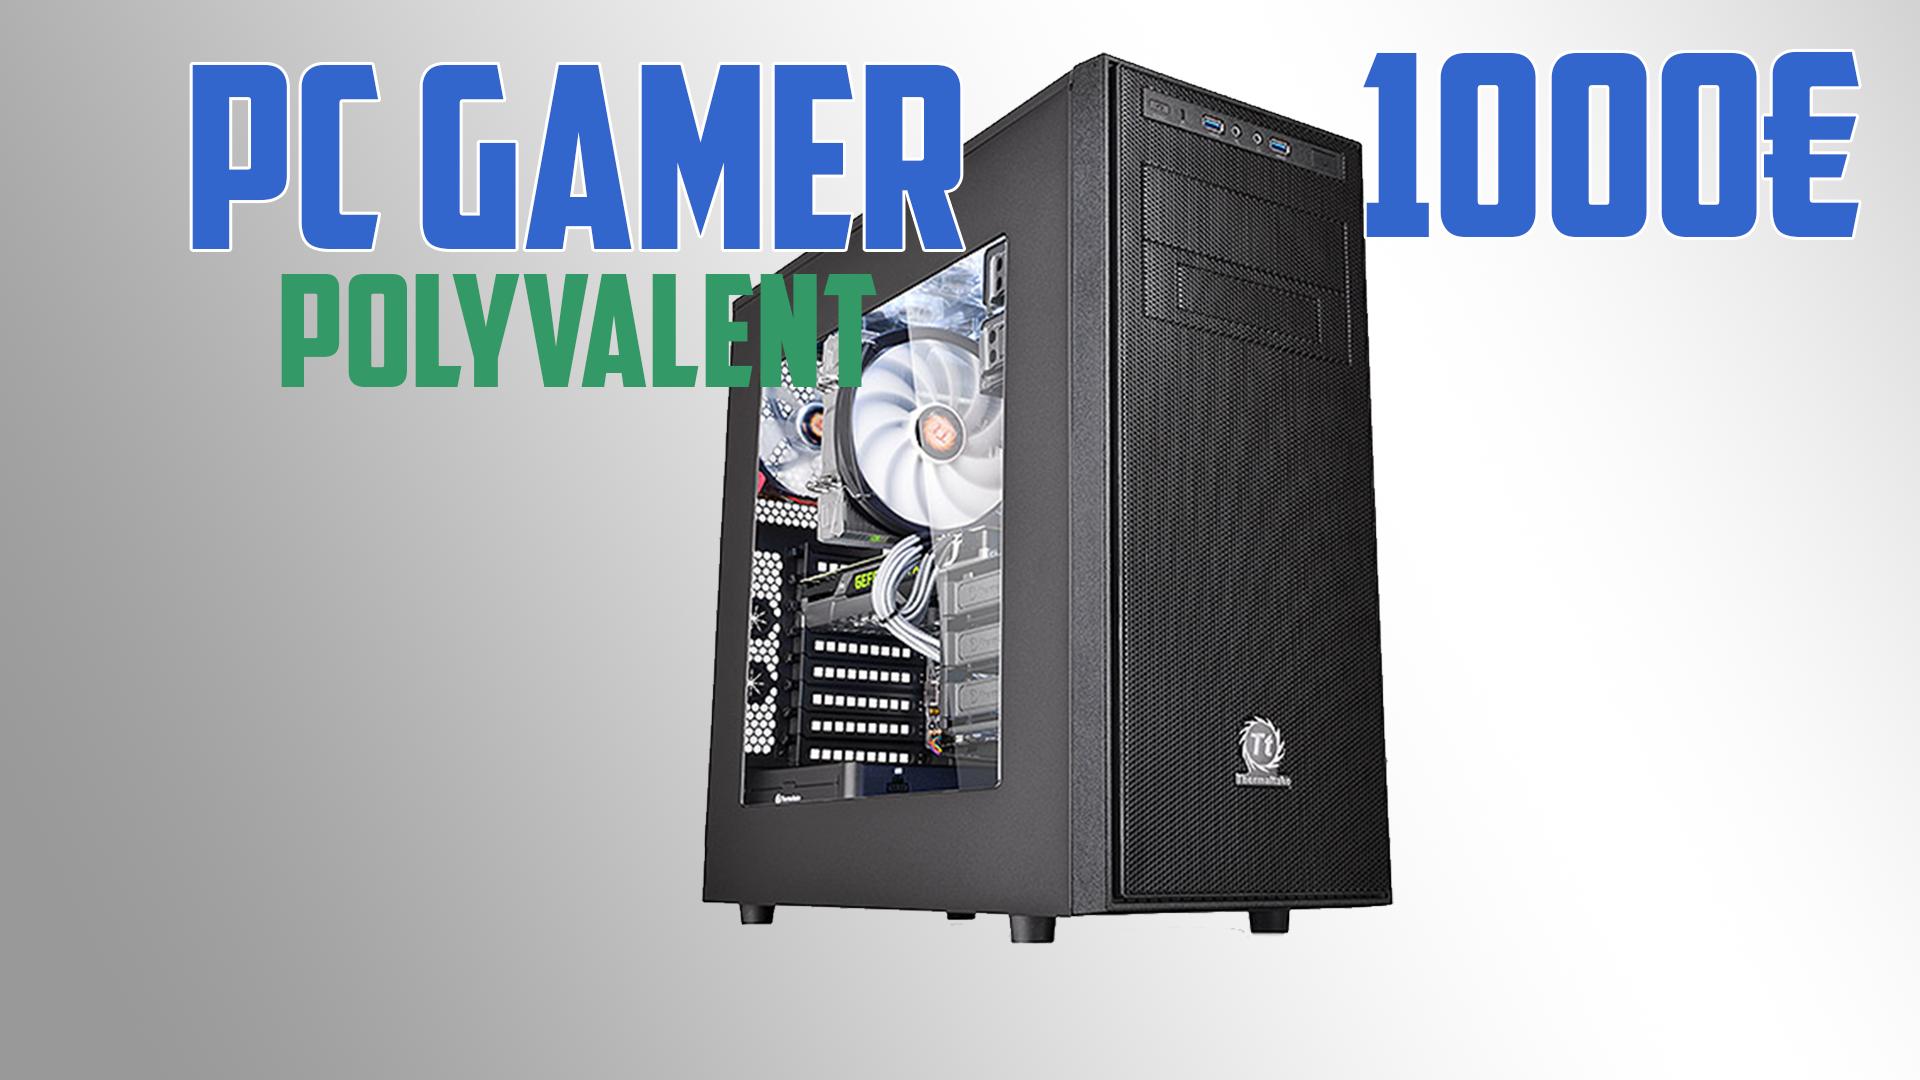 PC Gamer polyvalent et puissant 1000€ – 2016-2017 [MIS A JOUR]